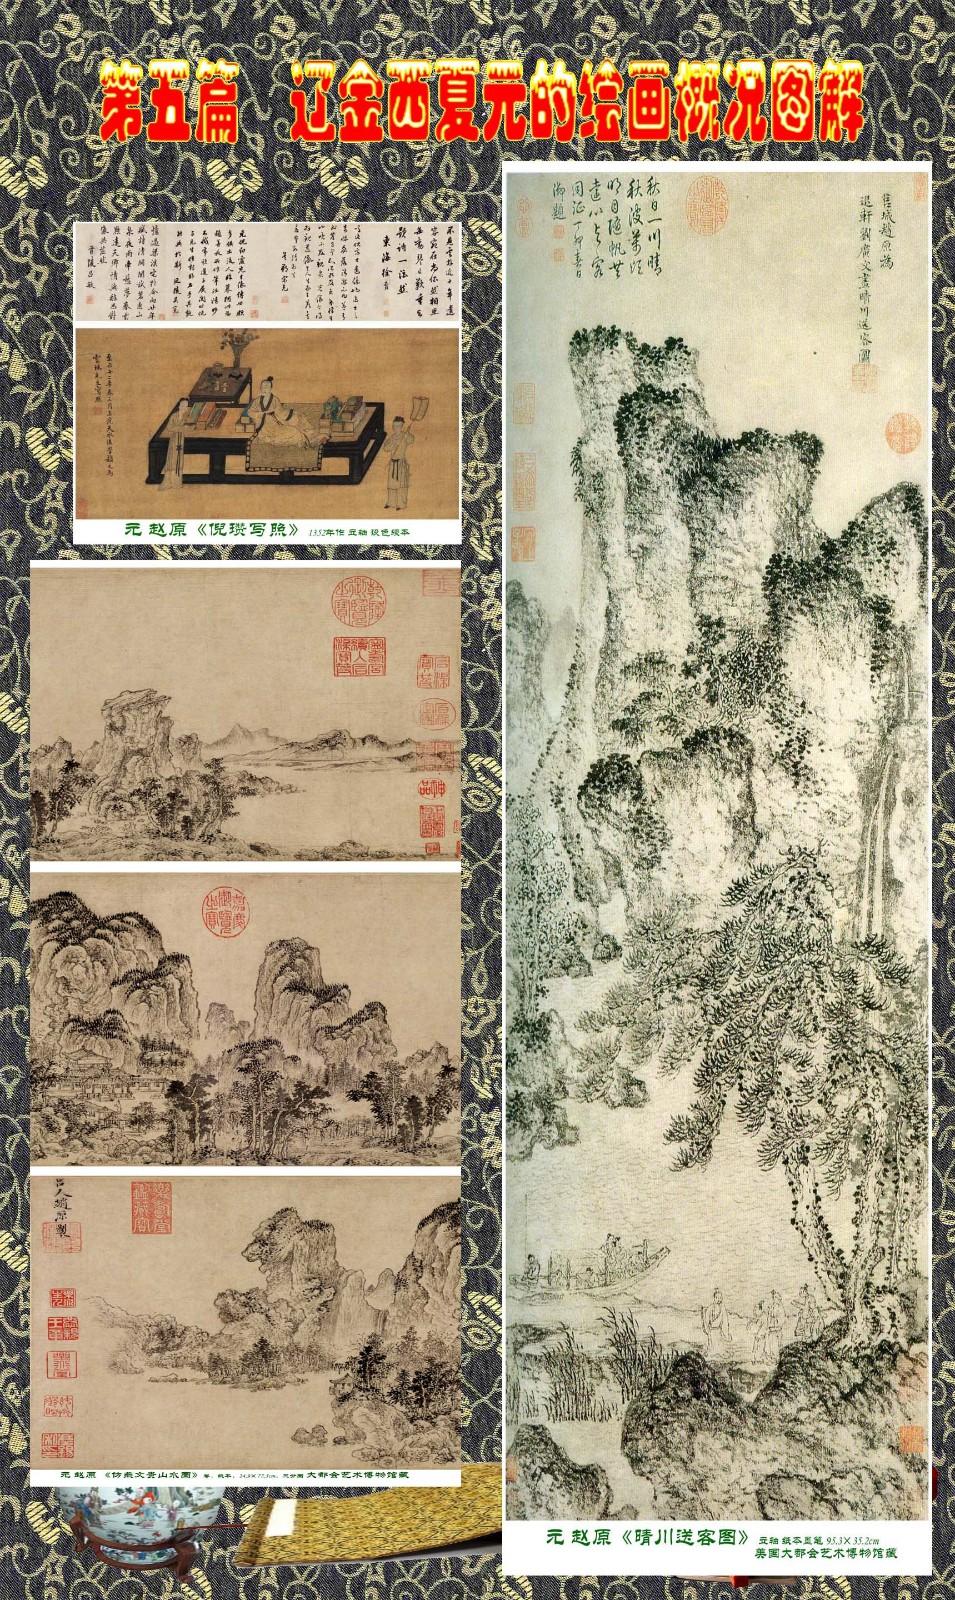 顾绍骅编辑 中国画知识普及版 第五篇 辽金西夏元的绘画概况 下 ... ..._图1-104